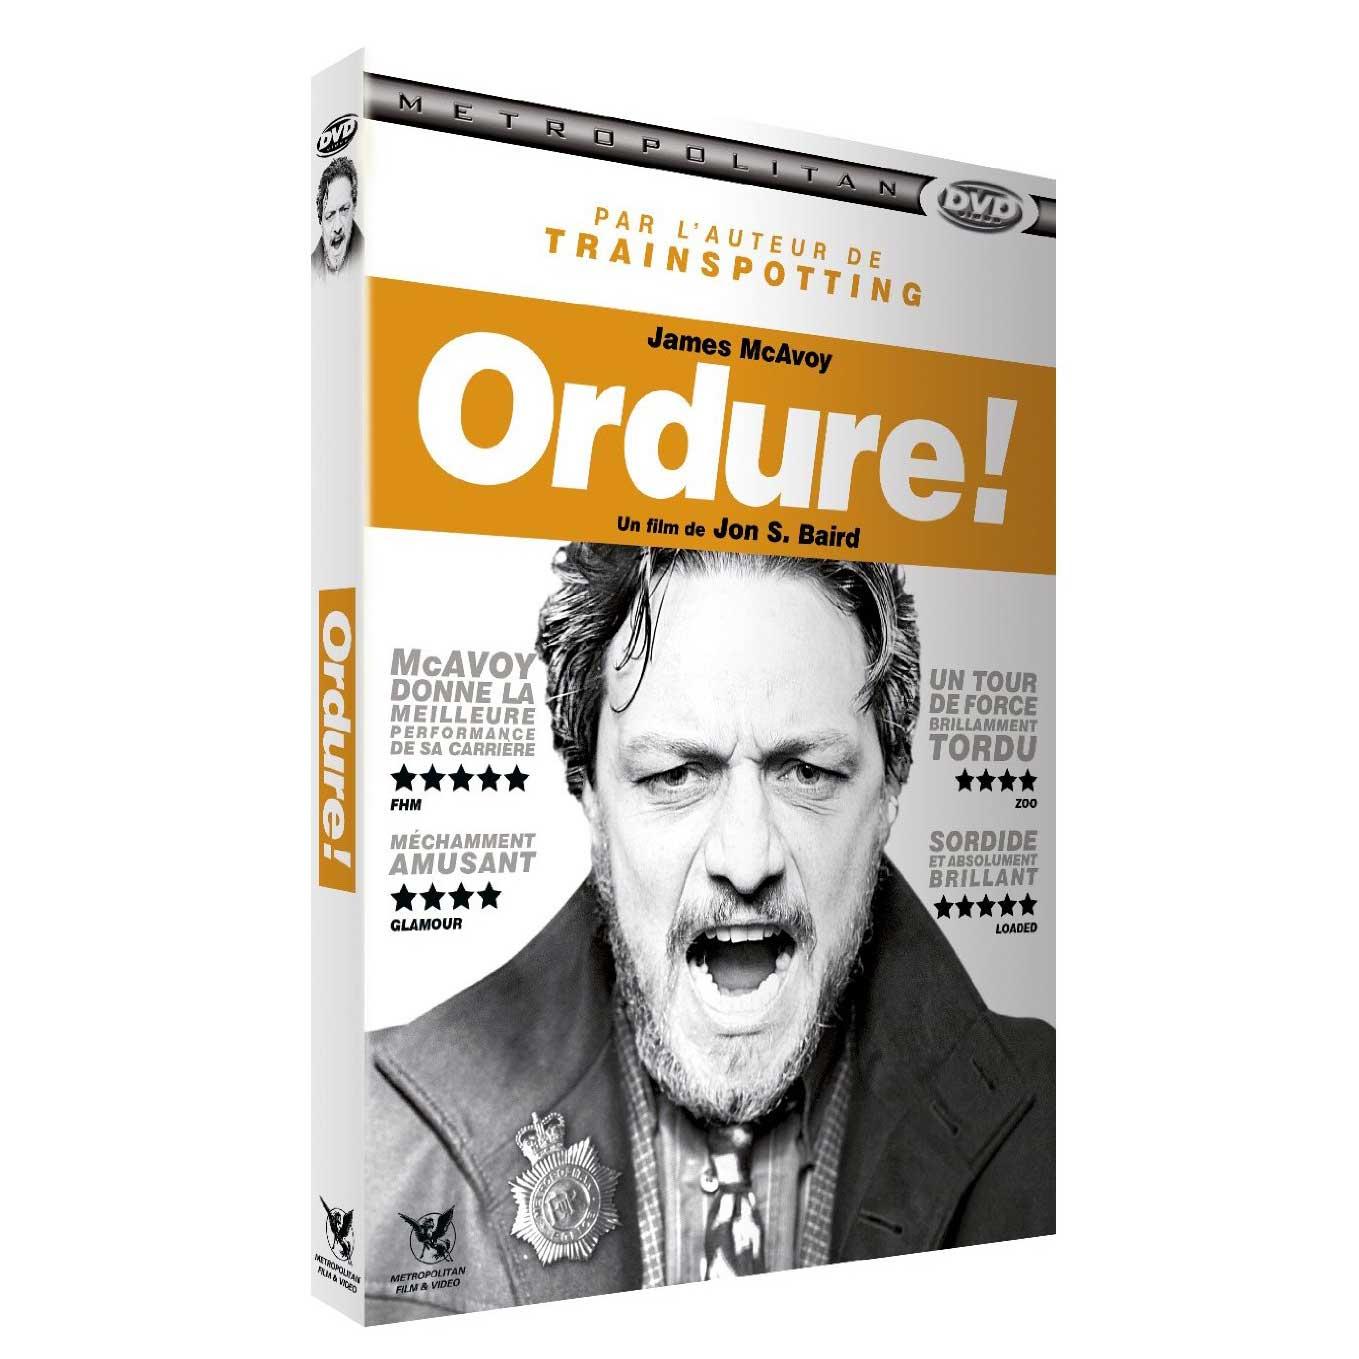 MOVIE MINI REVIEW : critique de Ordure !